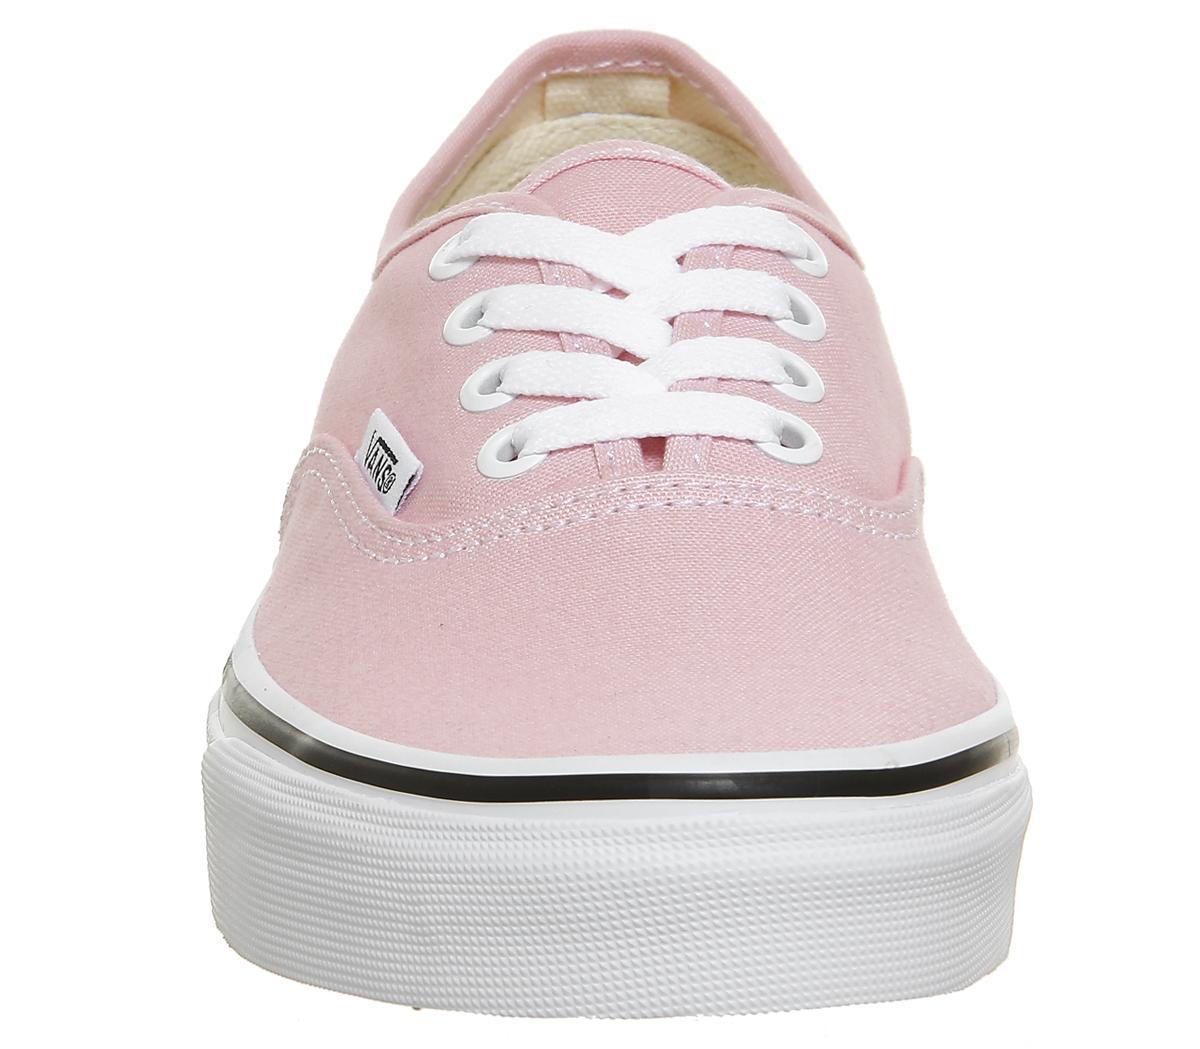 Vans Damen Authentic Sneakers Rosa Pink (Chalk PinkTrue